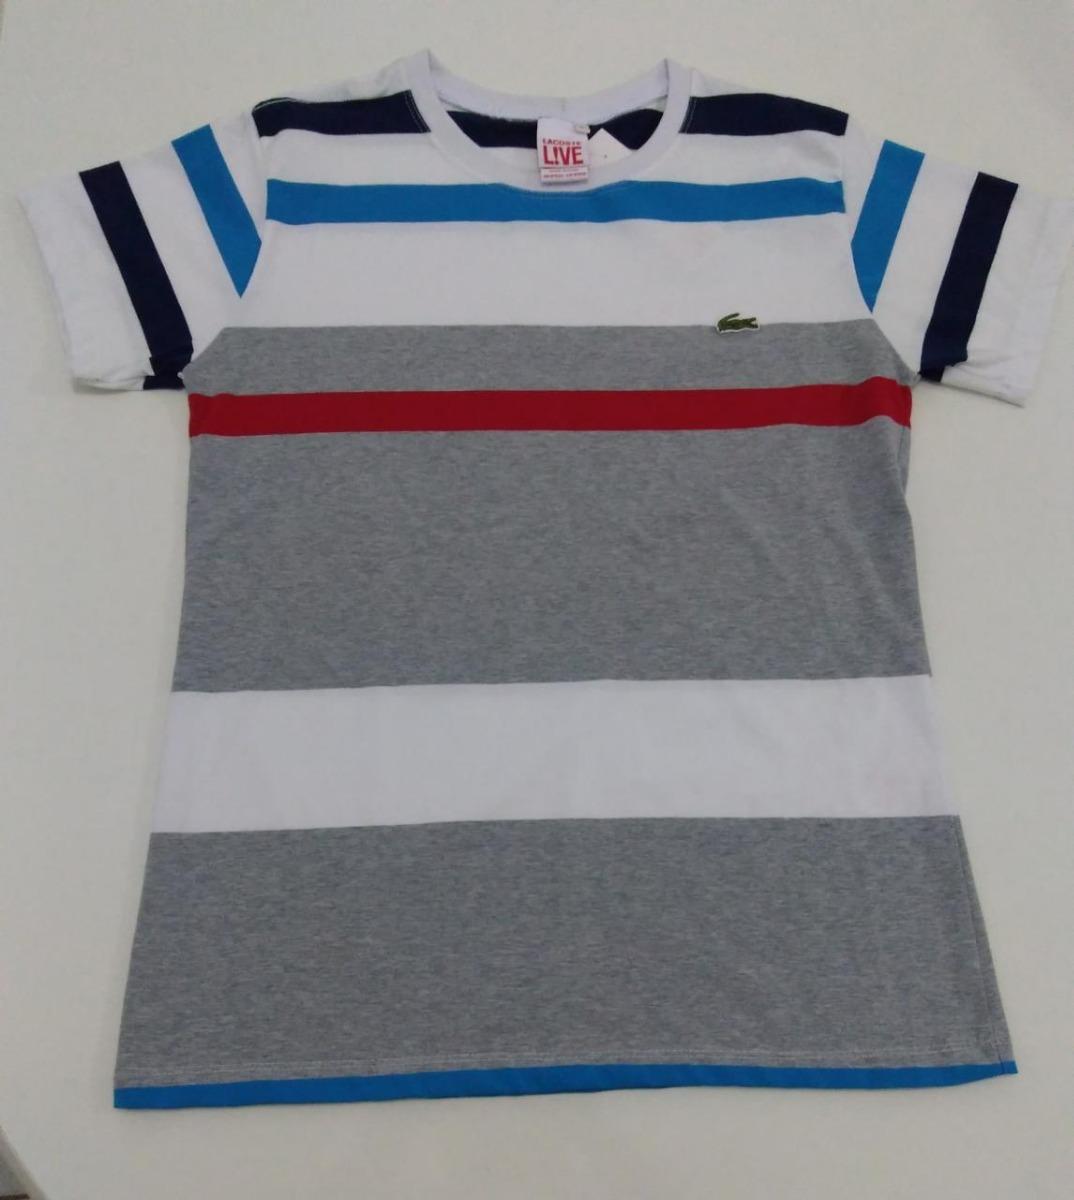 Camisa Lacoste Peruana Original - R  120,00 em Mercado Livre b05c105037